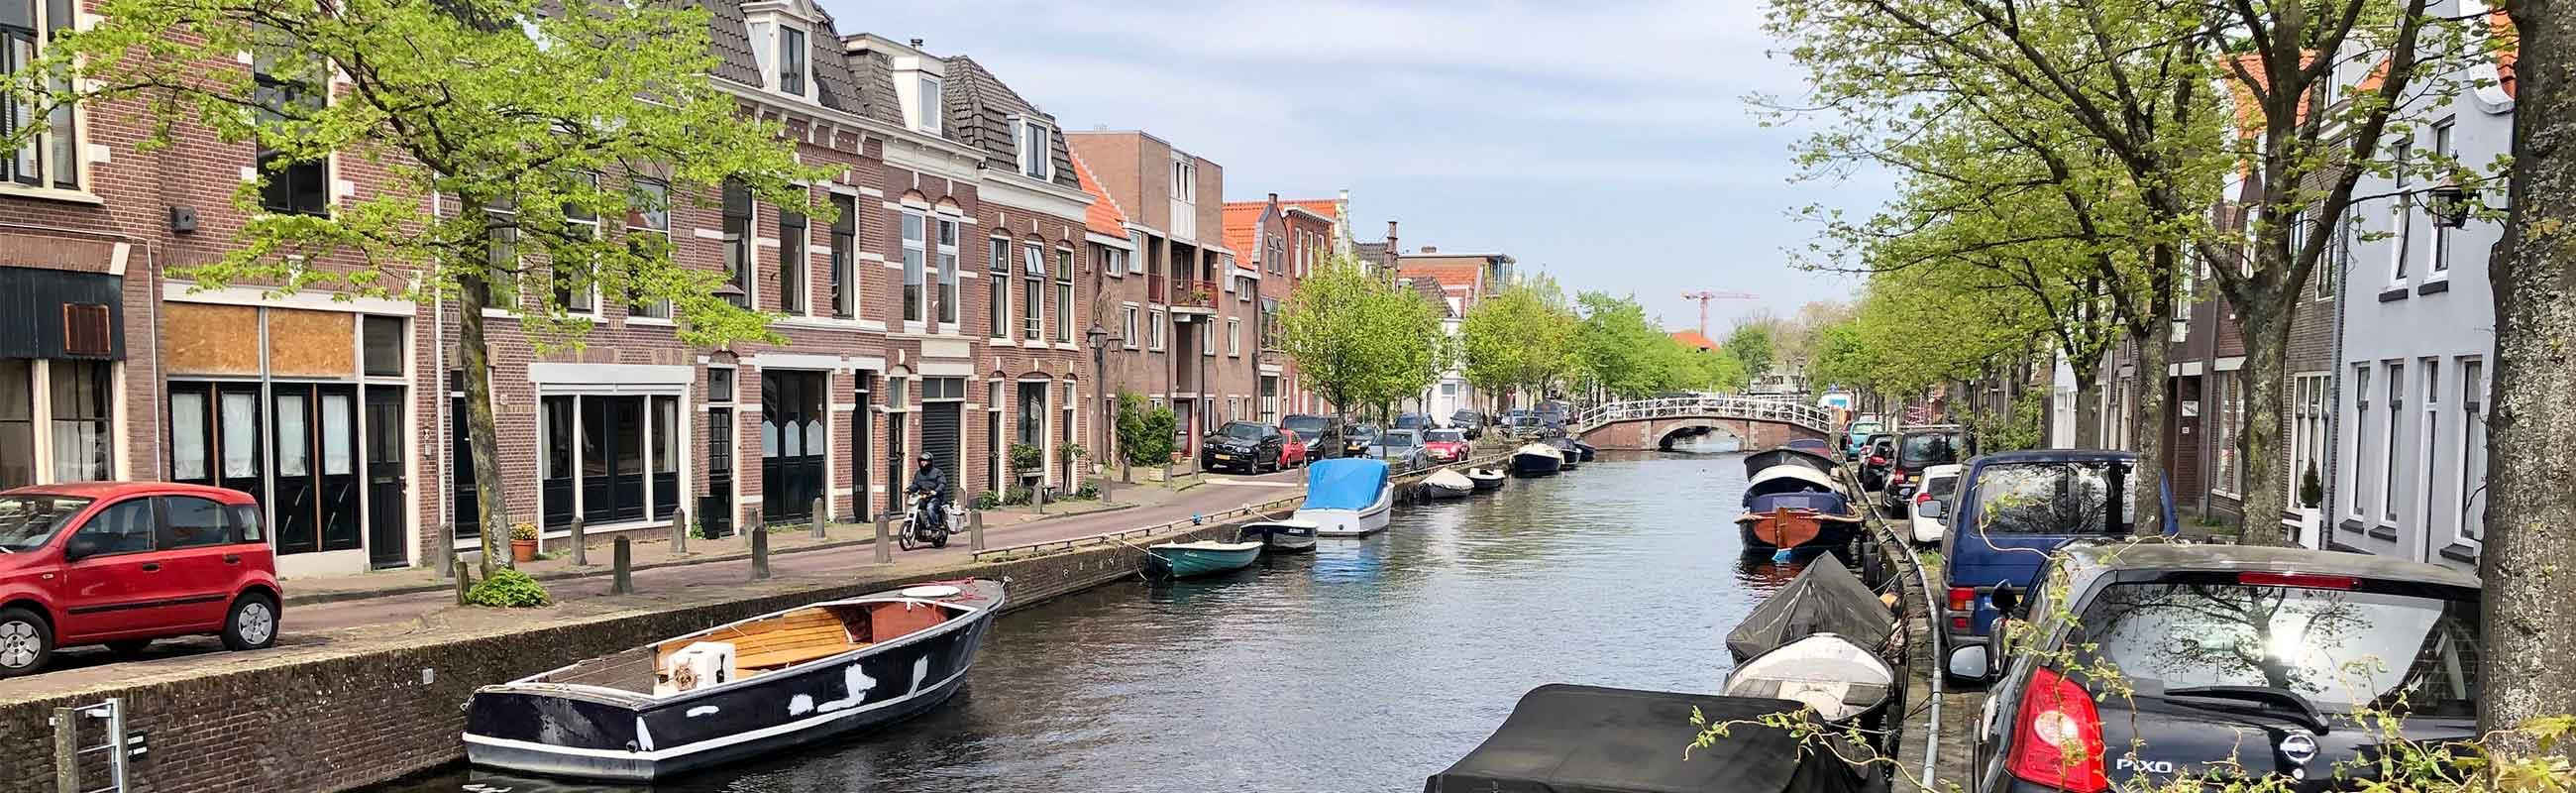 Koop- en huurwoningen in de Burgwalbuurt in Haarlem Centrum